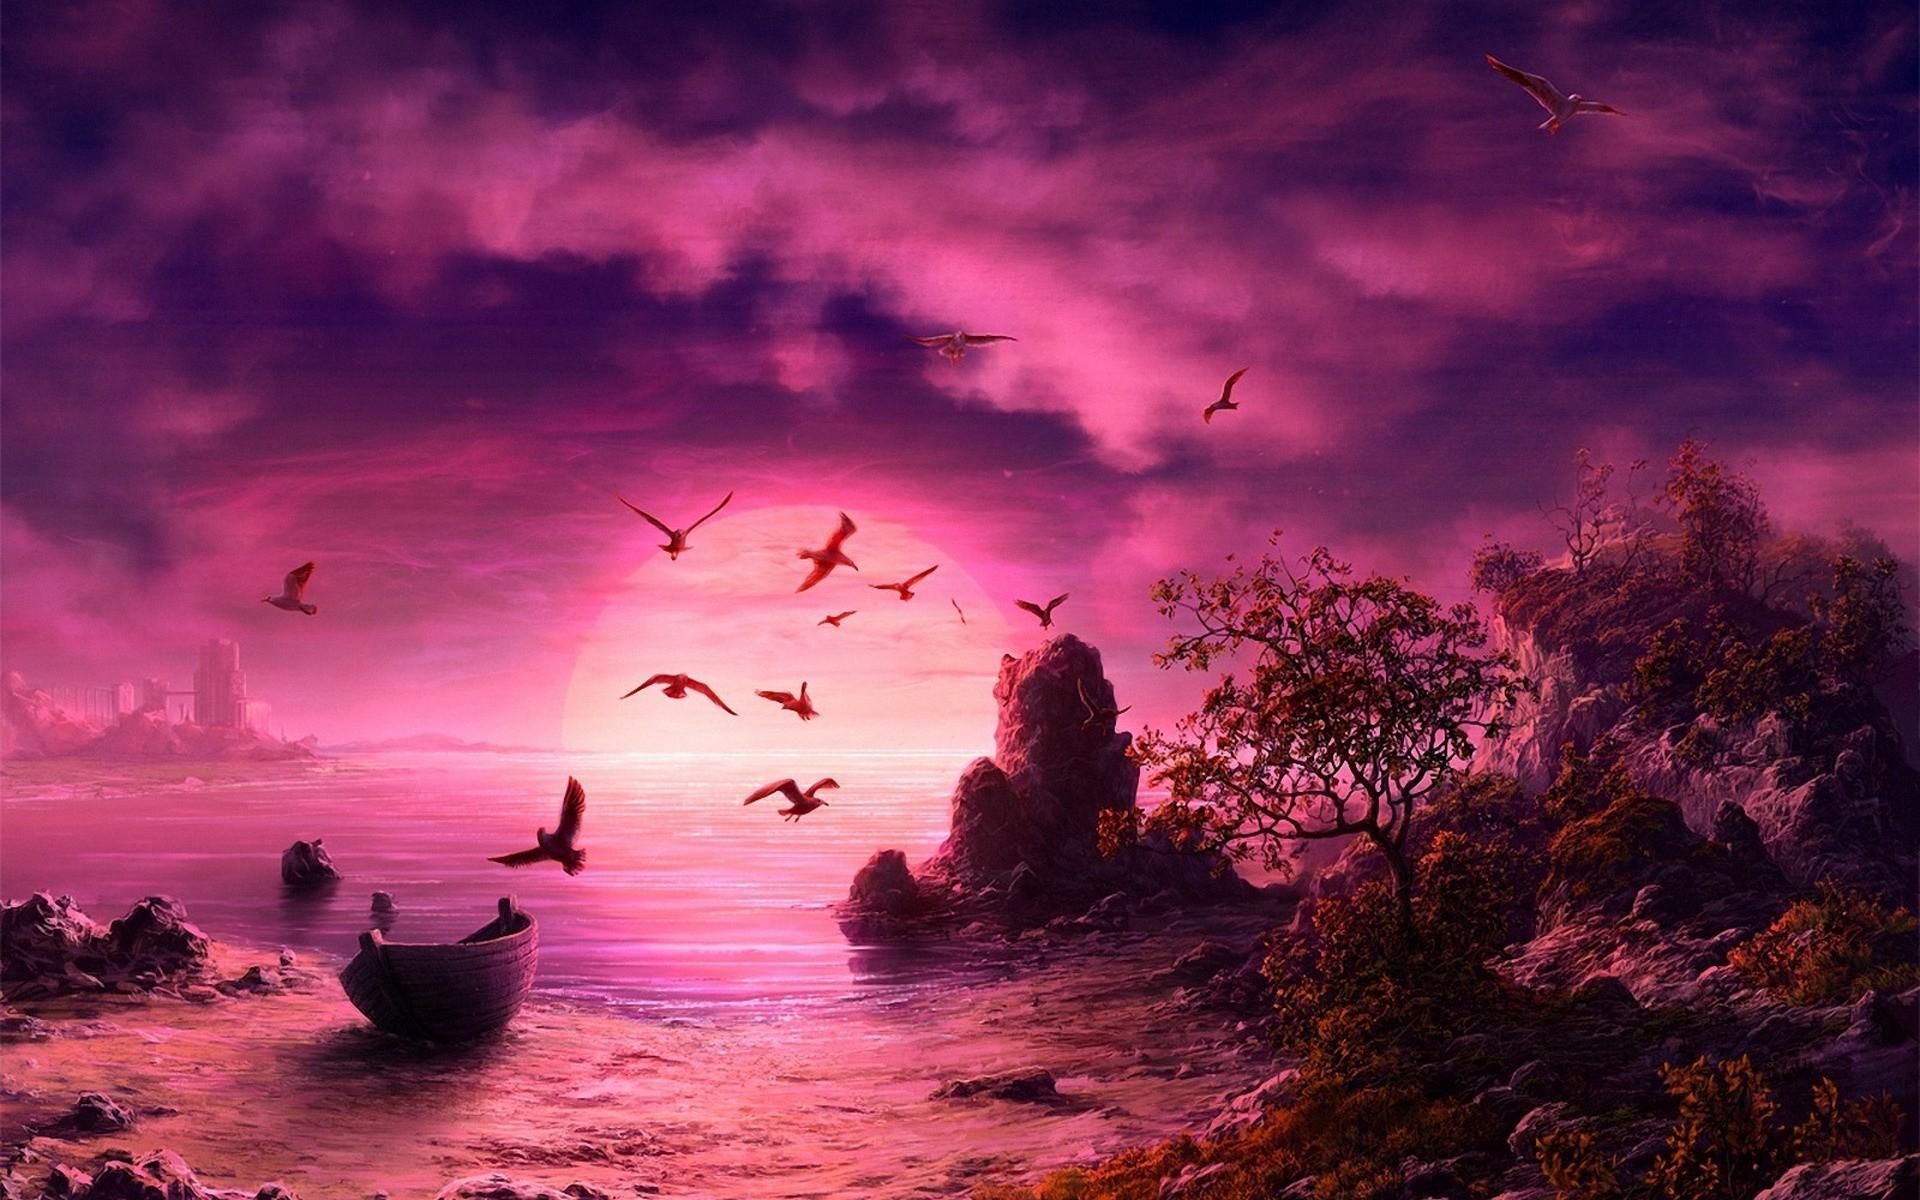 Una puesta de sol digital - 1920x1200